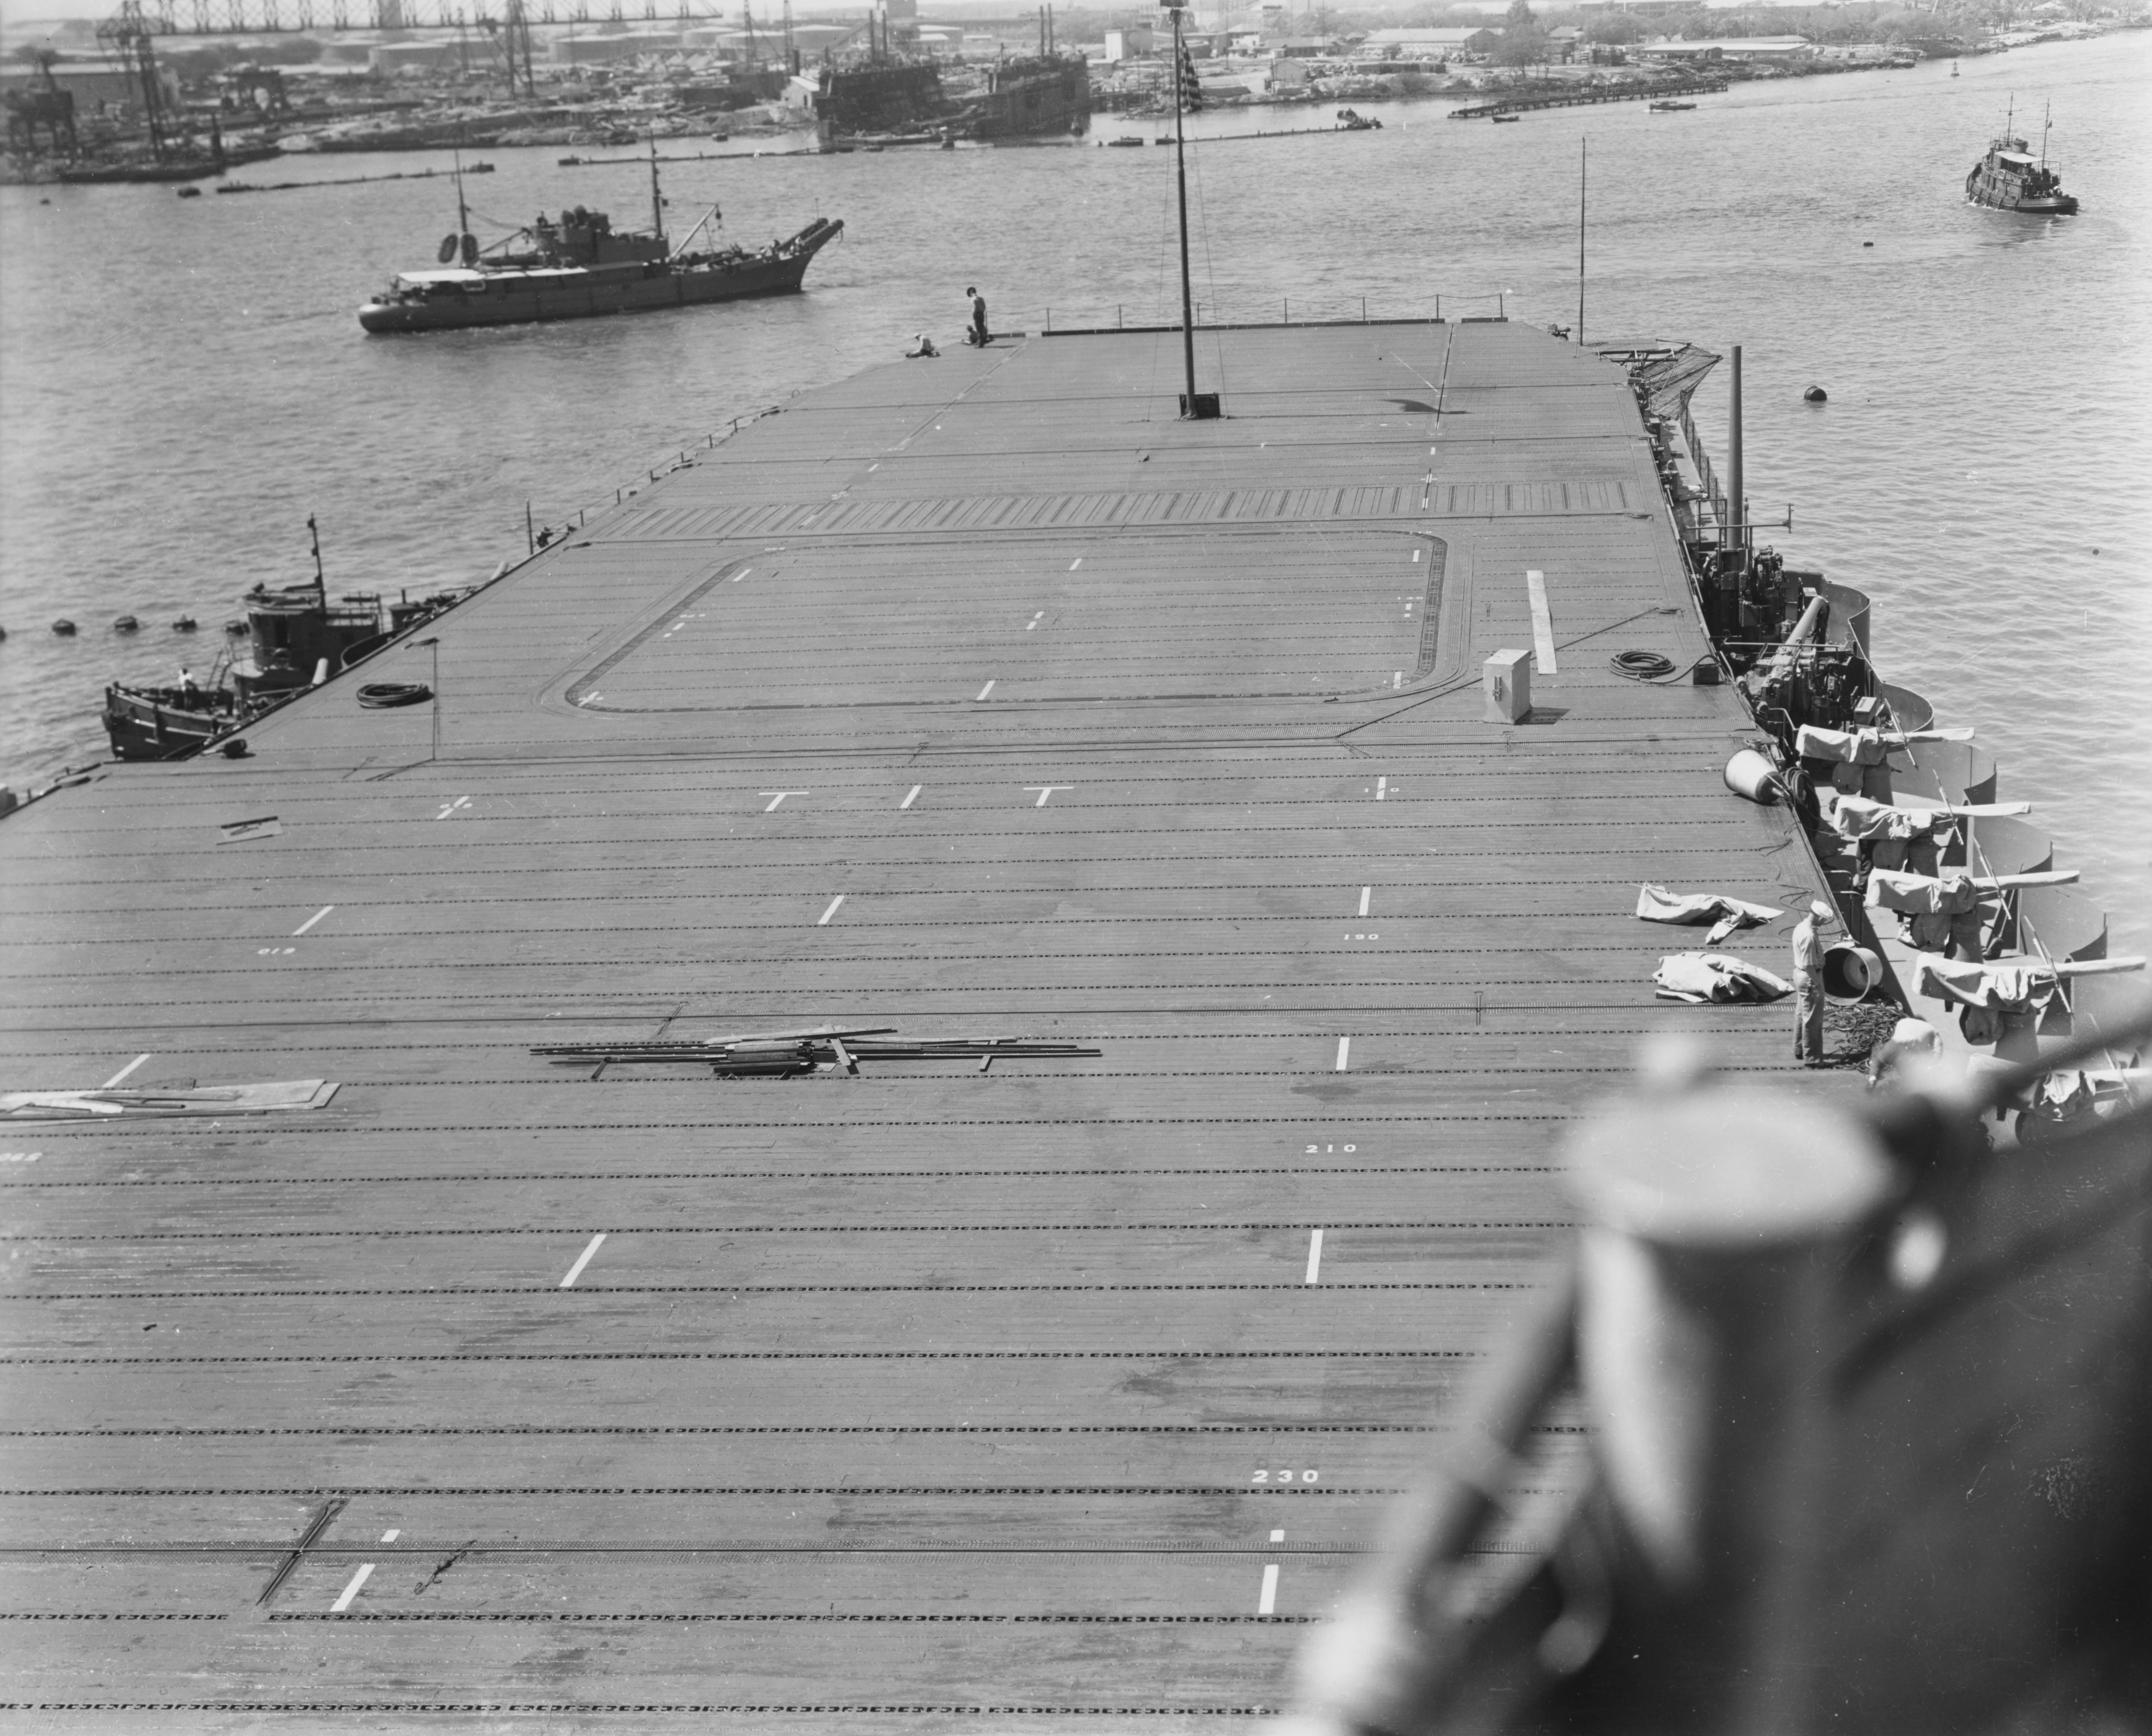 File:Forward flight deck of USS Enterprise (CV-6) in March